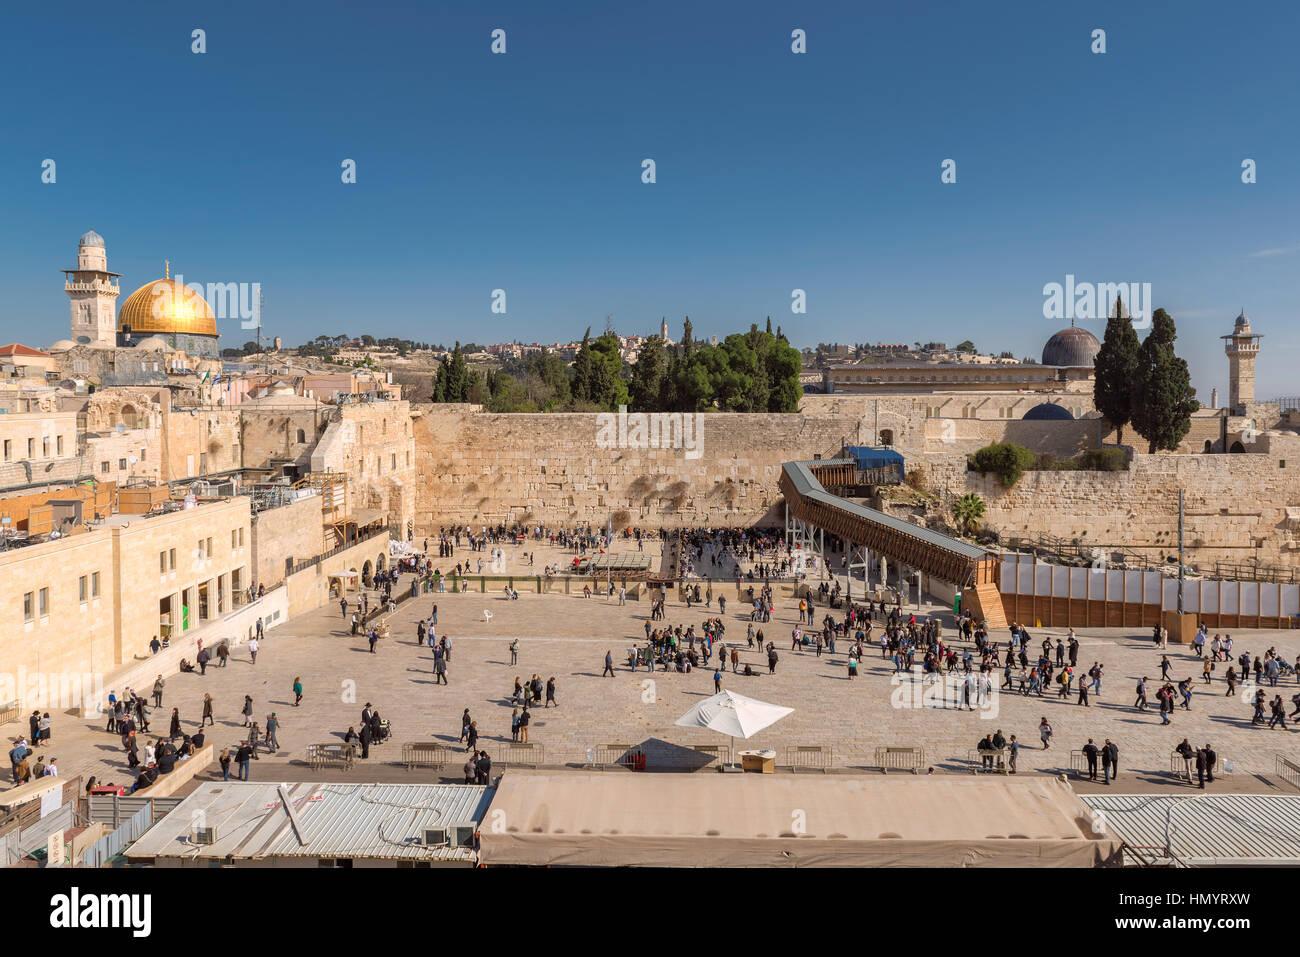 Muro de las Lamentaciones y la cúpula dorada de la roca en el Monte del Templo, en Jerusalén, Israel. Imagen De Stock